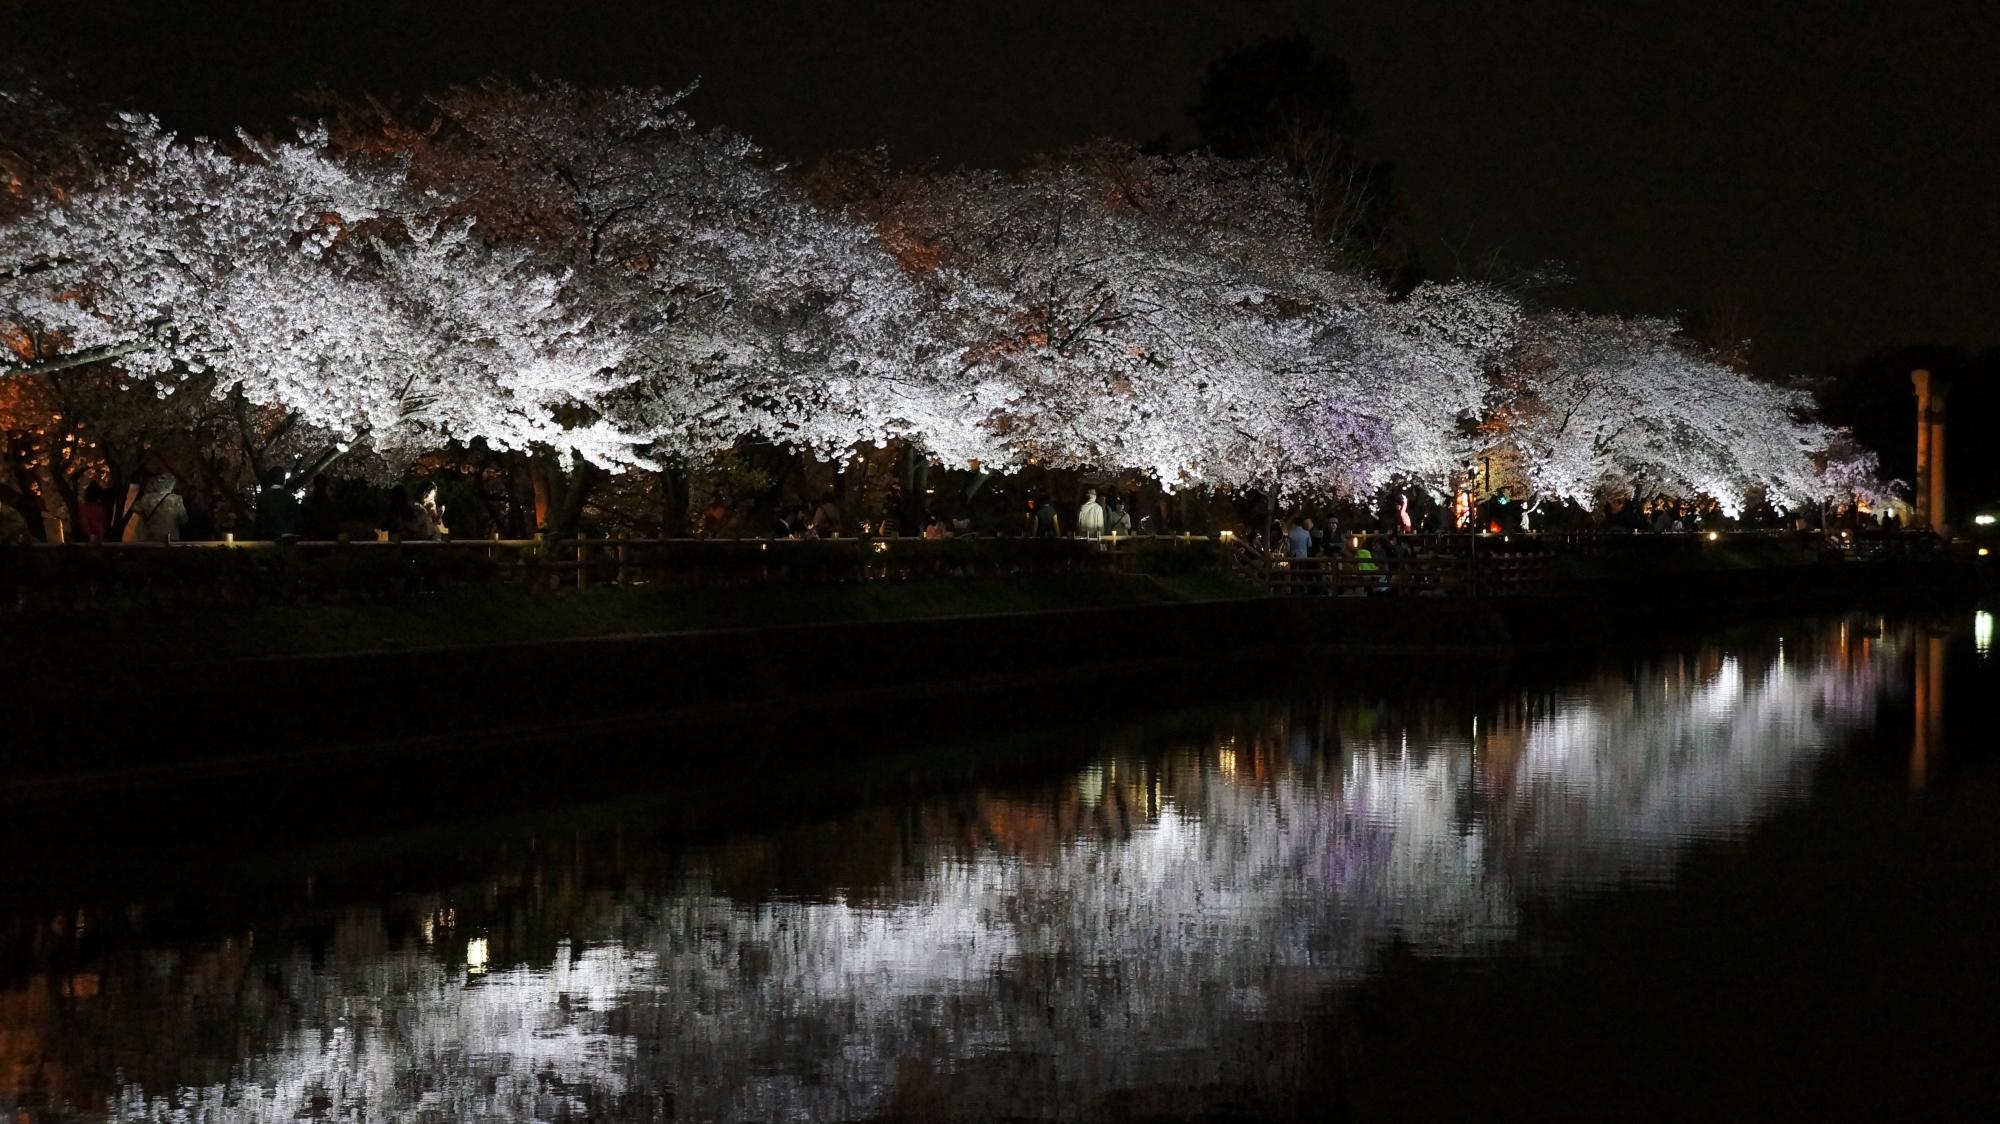 長岡天満宮の境内東側にある八条ヶ池の夜桜ライトアップ